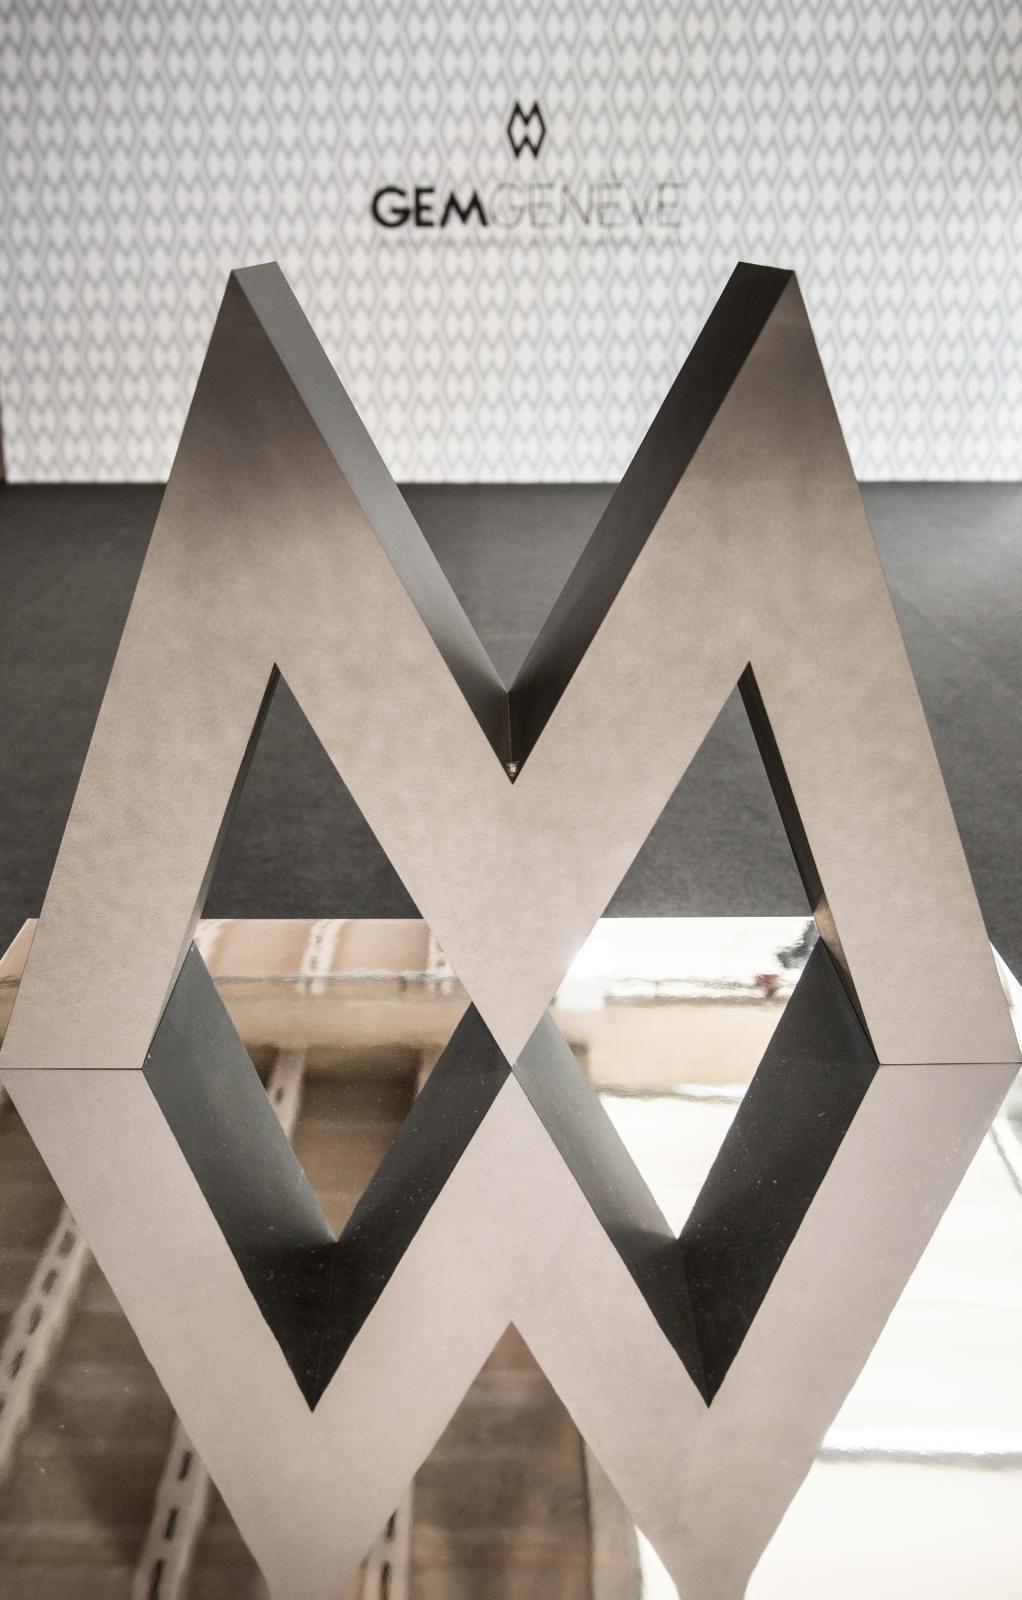 Logo miroir du salon GemGeneve pour son édition de lancement.